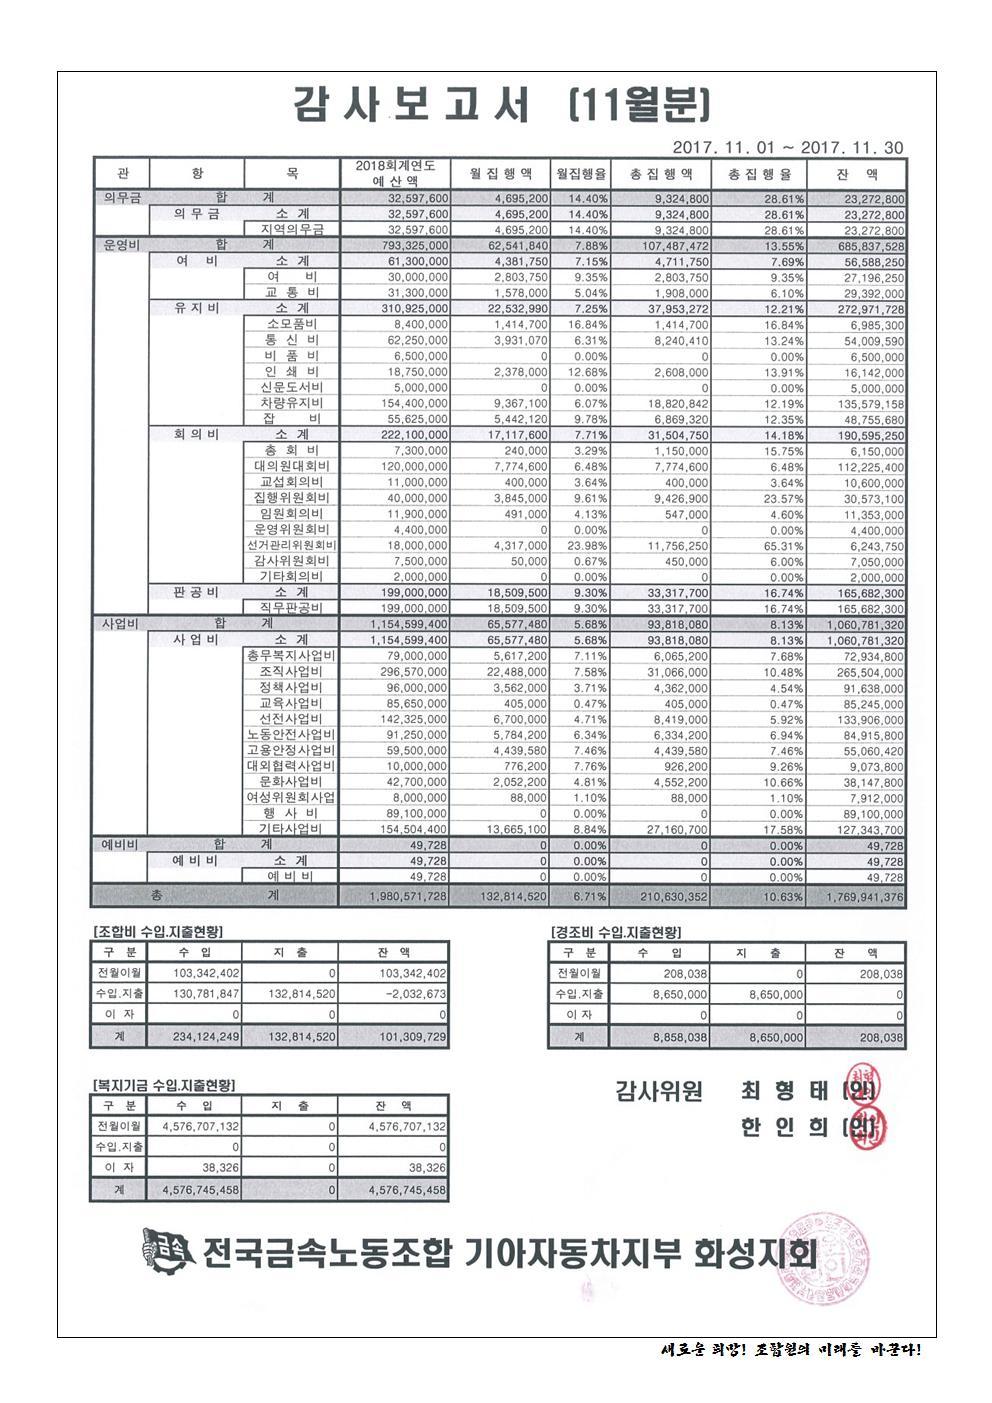 함성소식 25-28002.jpg